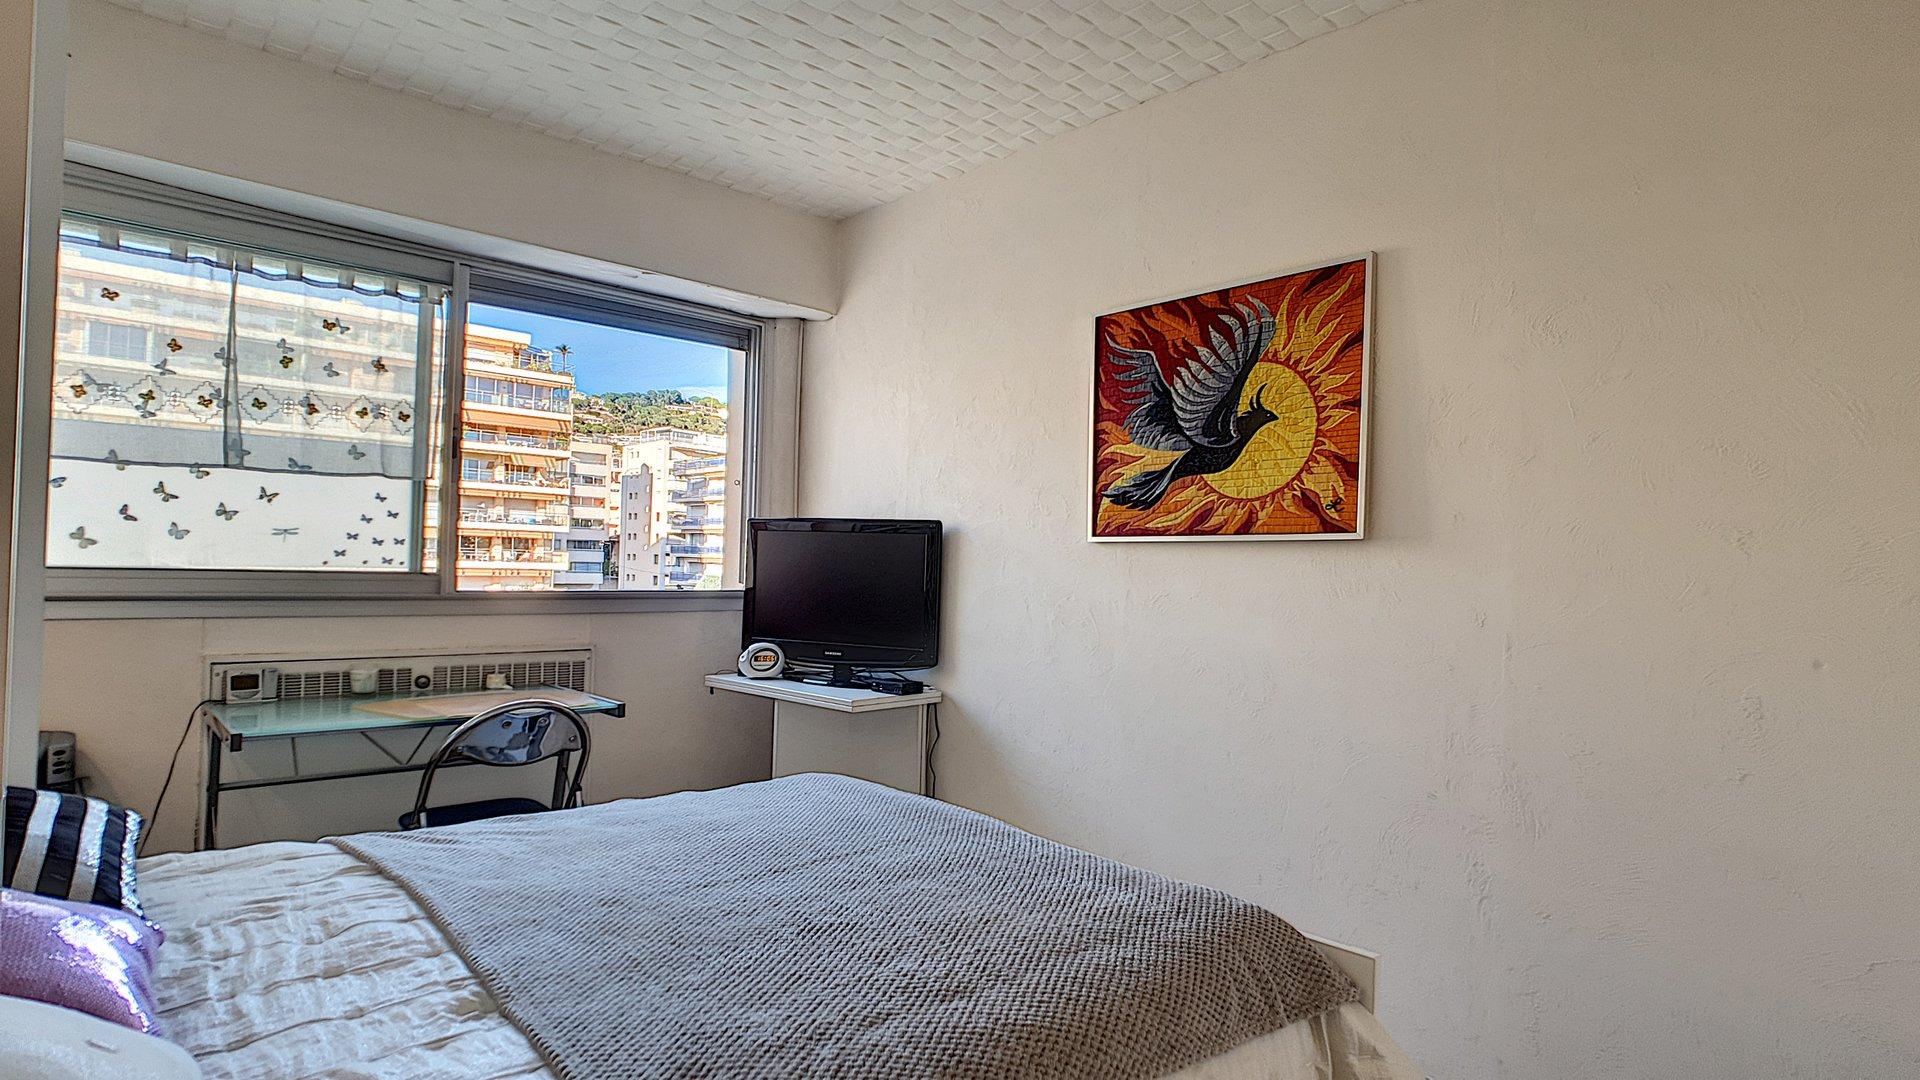 Ljus och rymlig lägenhet till salu i Cannes Basse Californie